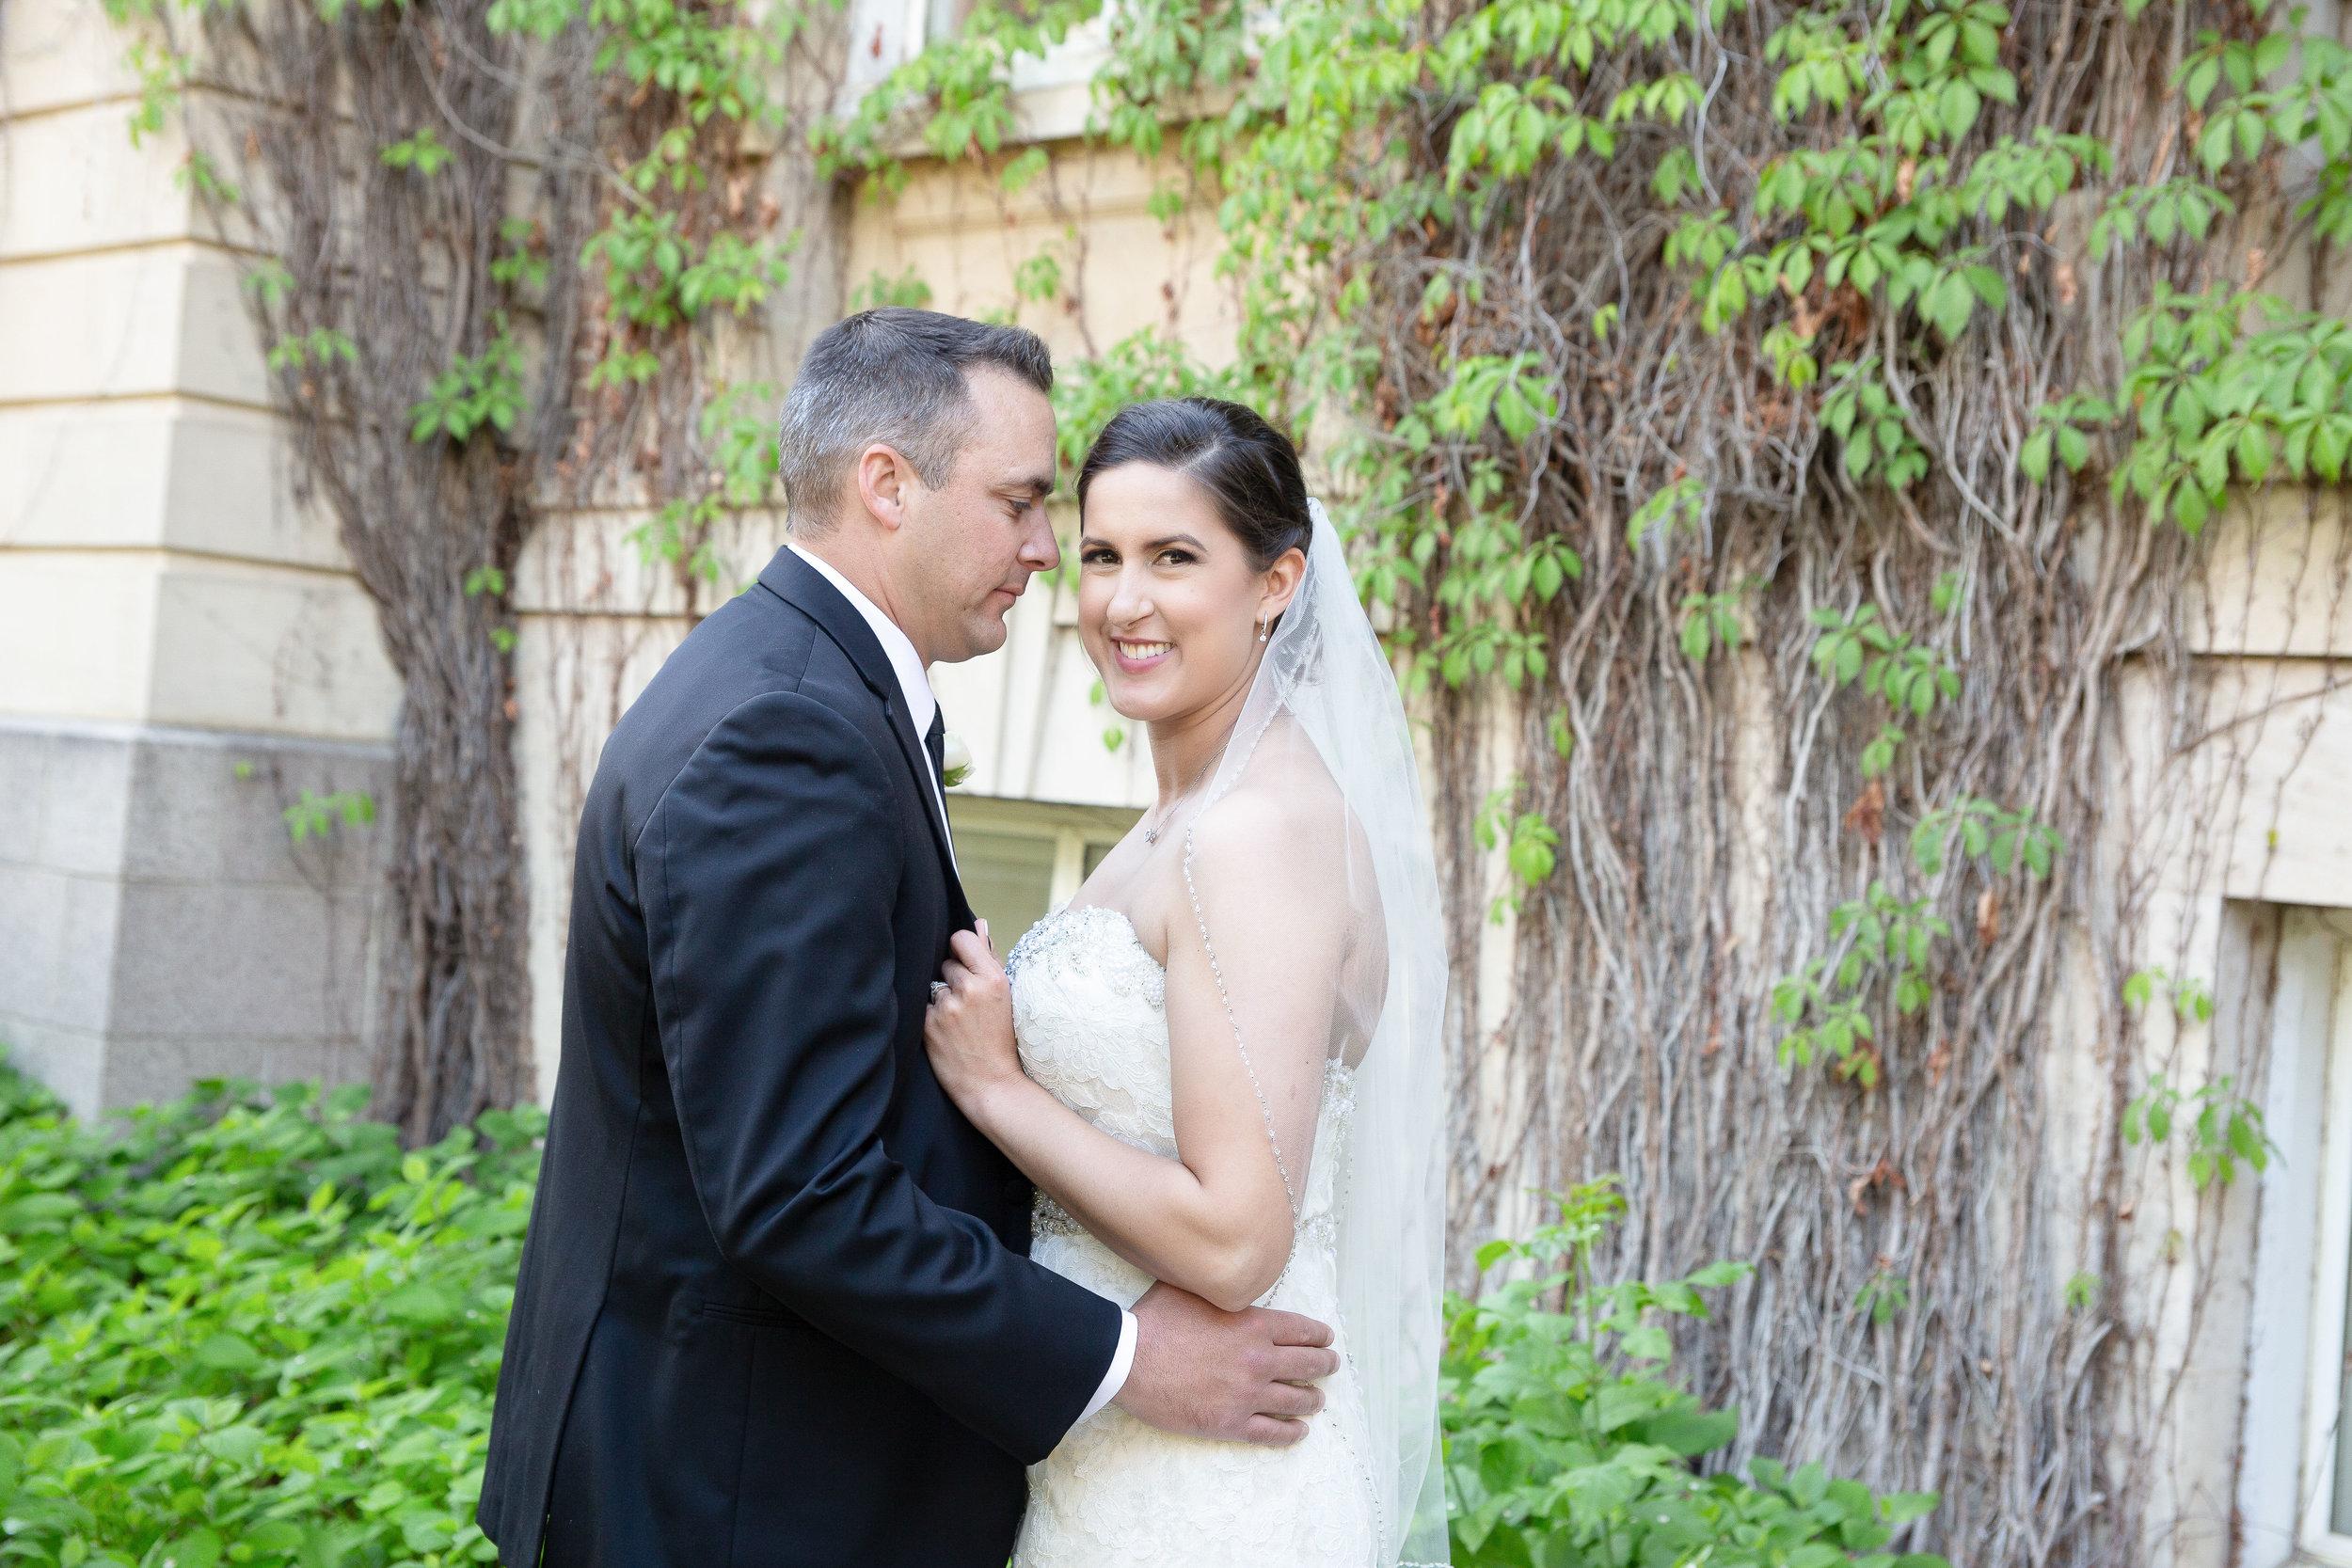 Bride and Groom_Web-13.jpg